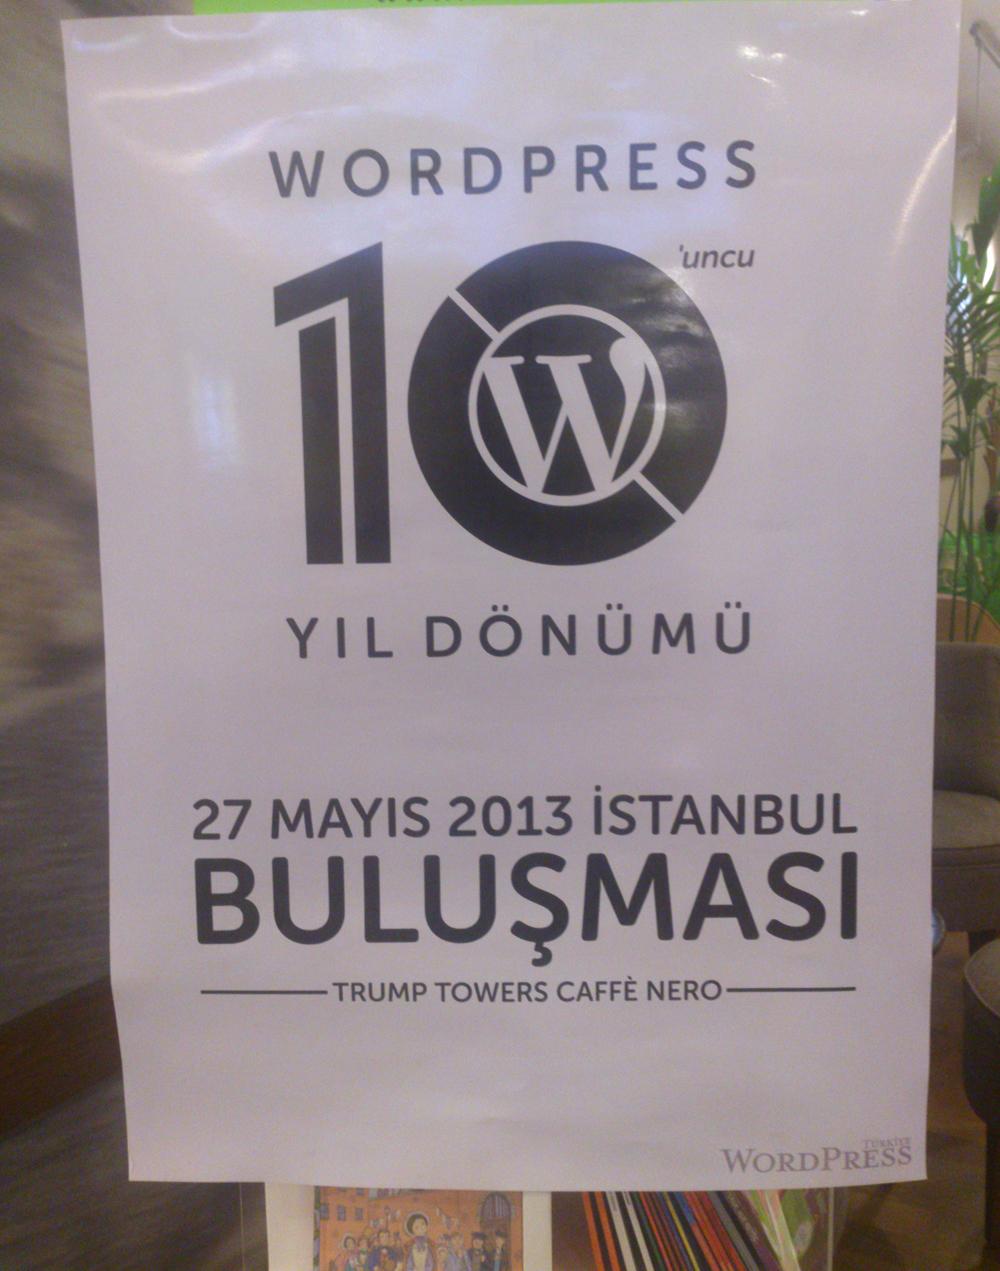 Wordpress 10. Yıl Buluşması Istanbul